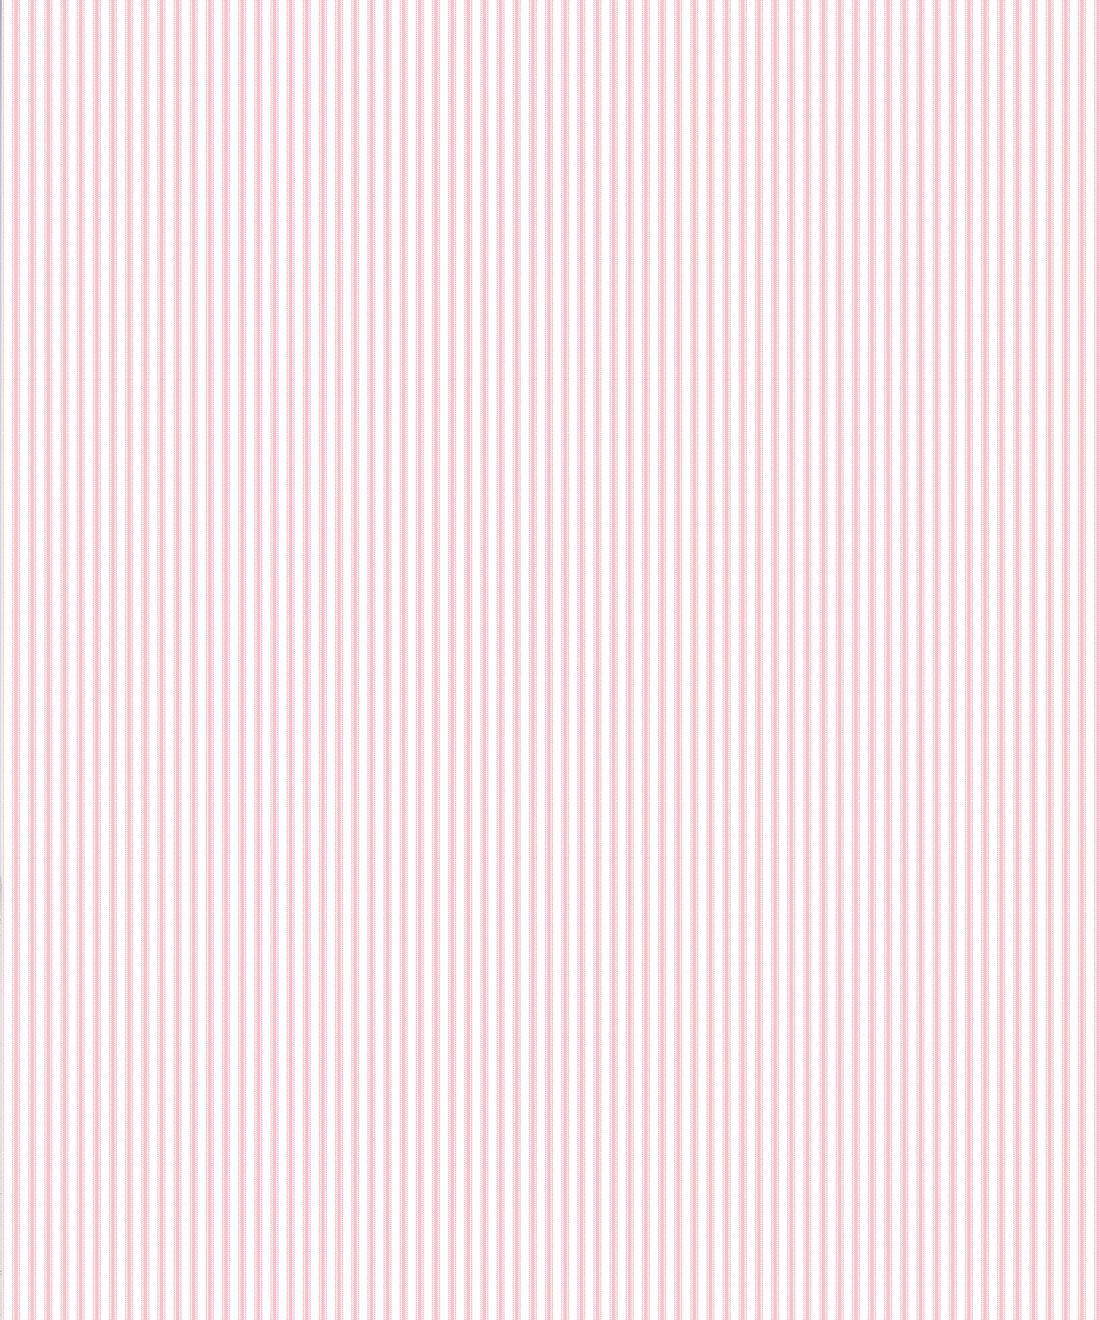 Ticking Stripe Wallpaper • Pink Wallpaper • Swatch